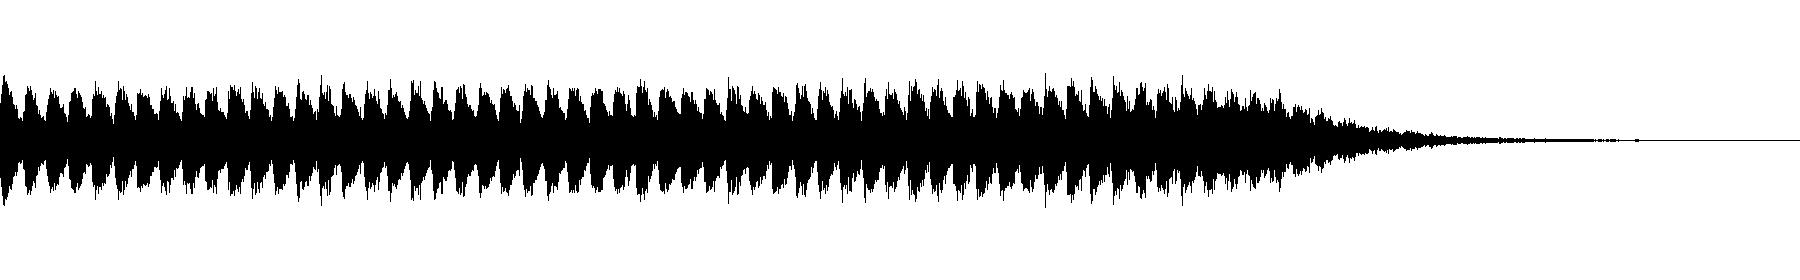 vuf1 128bpm ou ou ou 1 8bars a